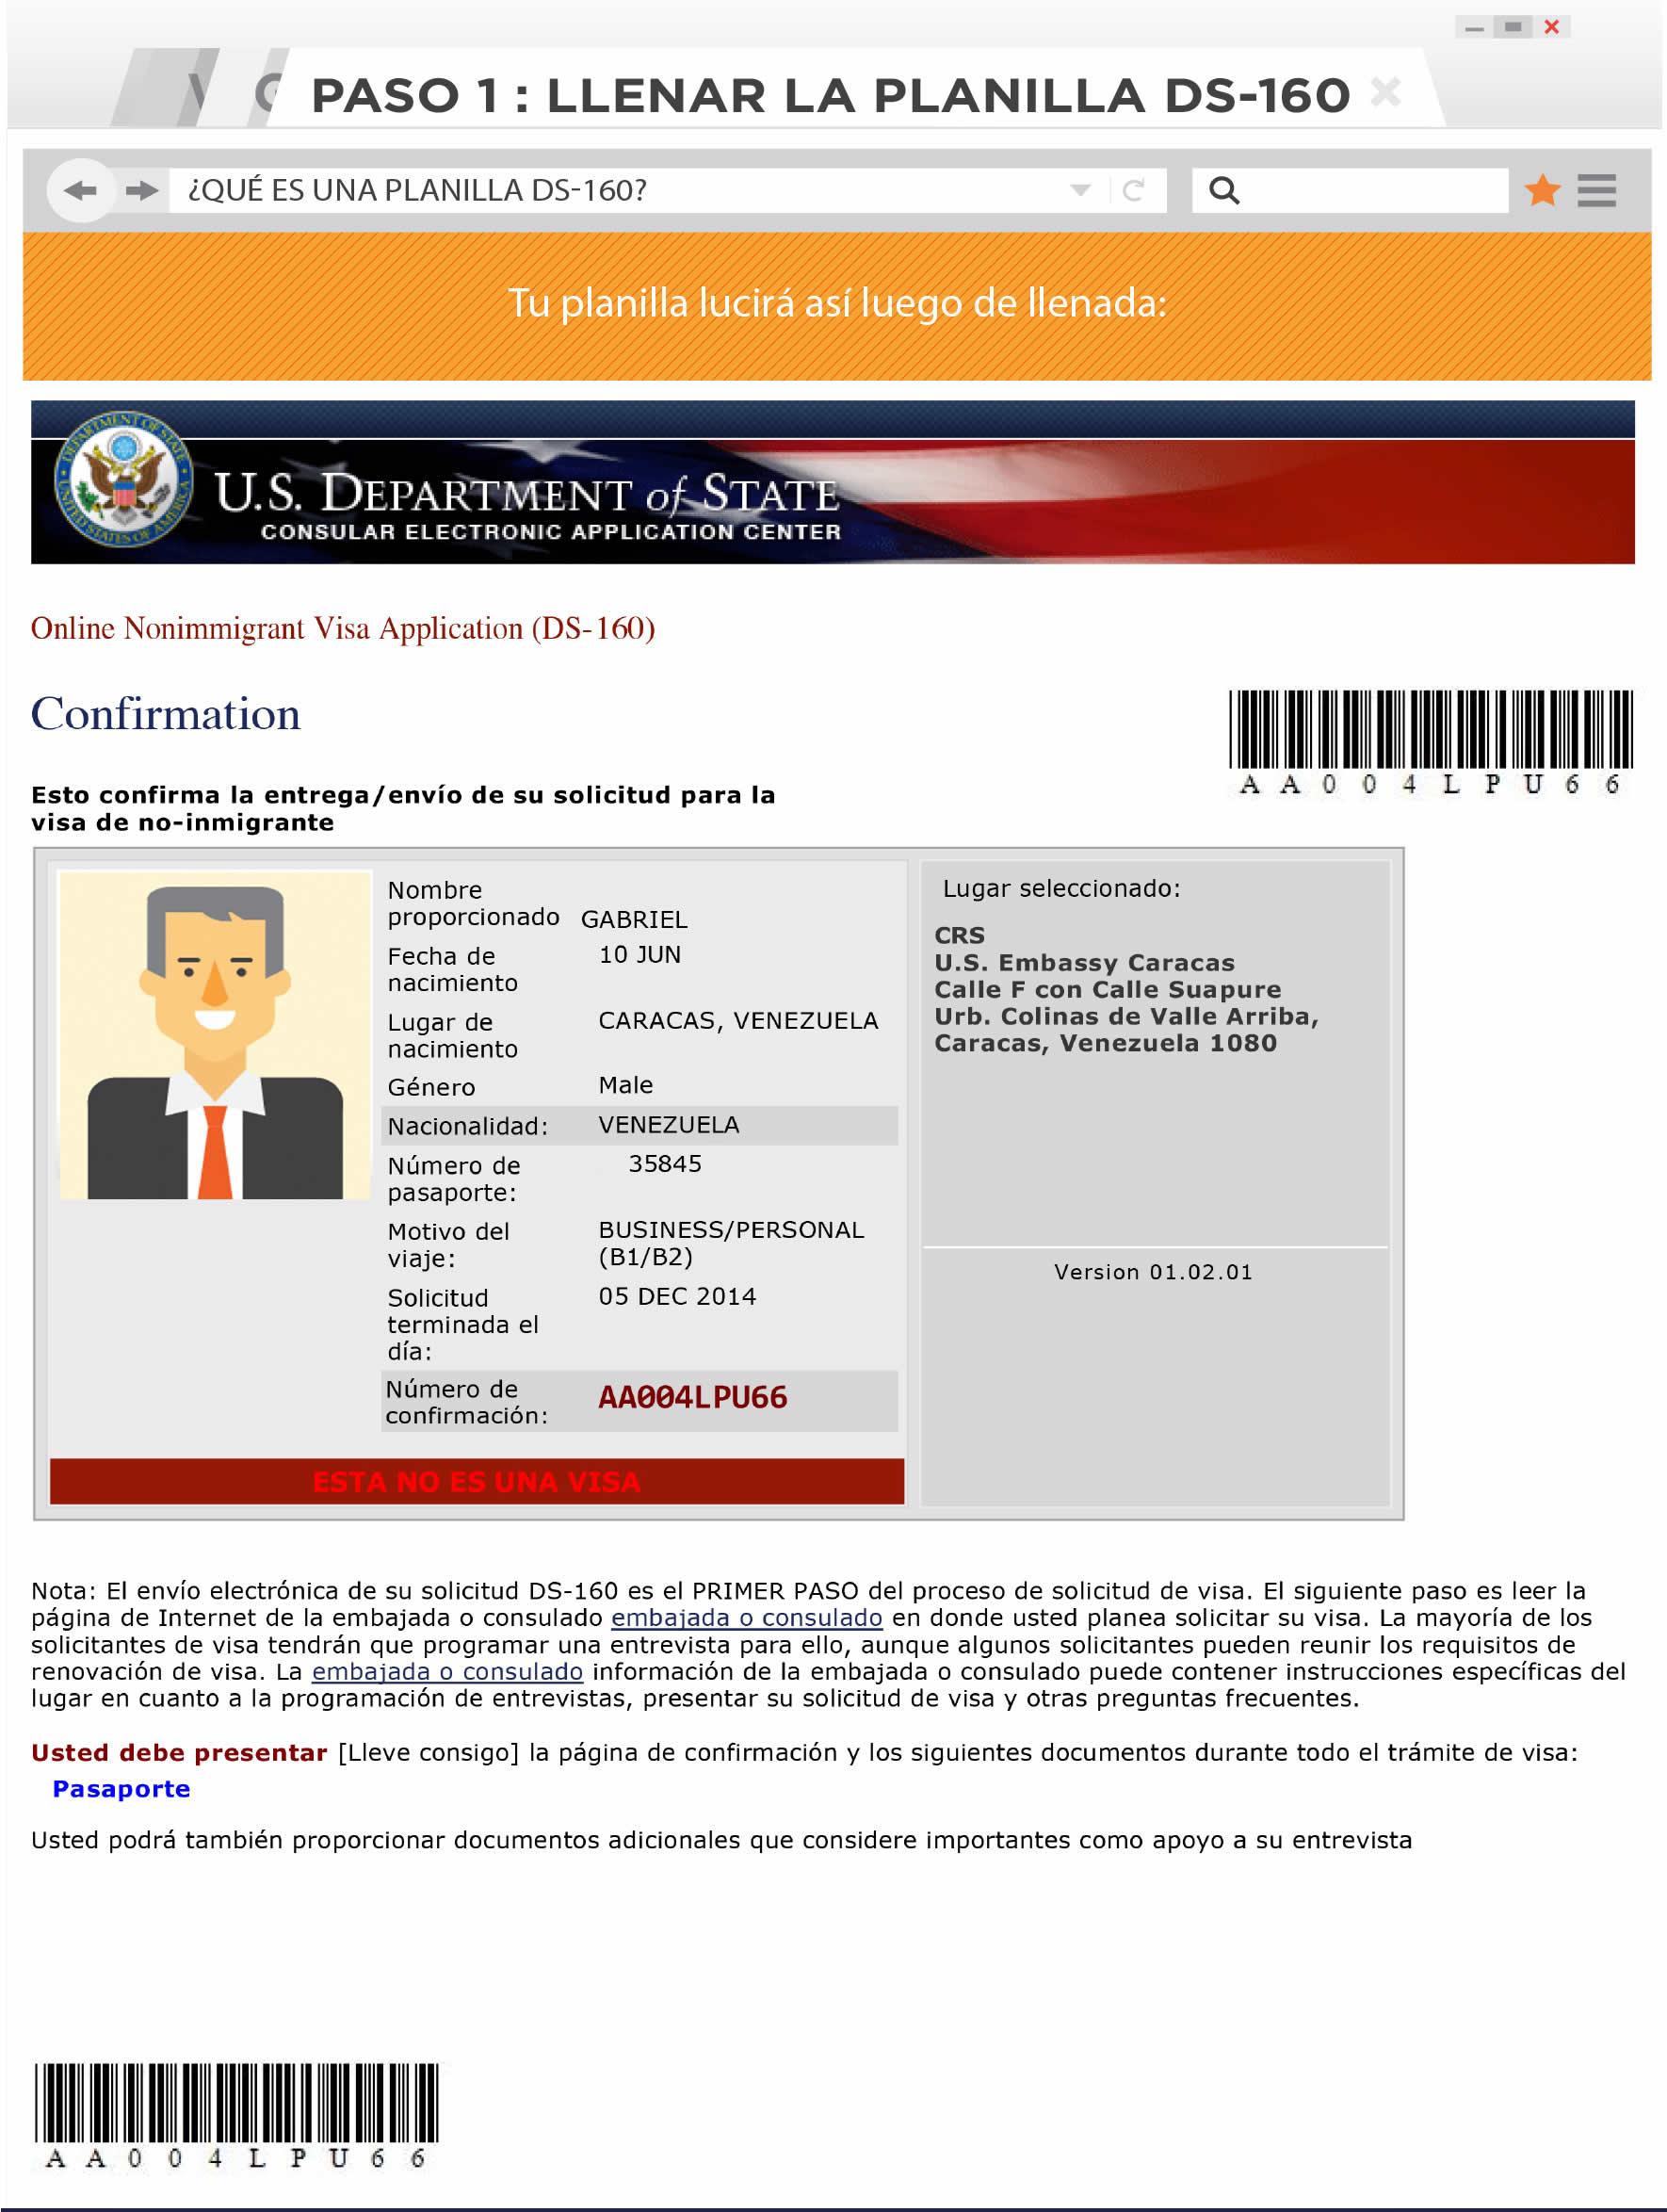 Como realizar la cita para la visa en la Embajada de Estados Unidos en Venezuela (5)